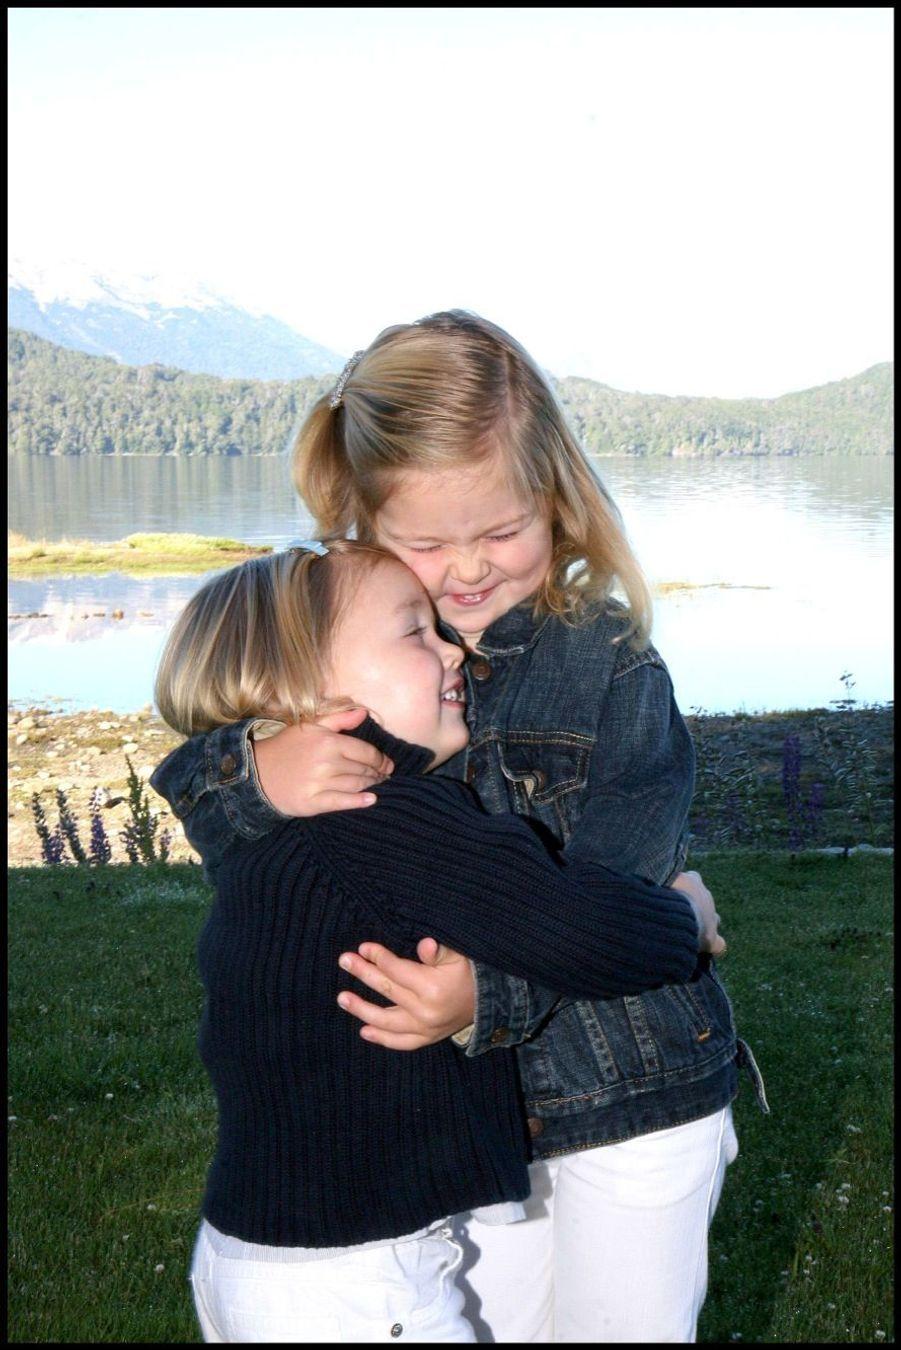 La princesse Catharina-Amalia avec sa soeur Alexia en janvier 2008